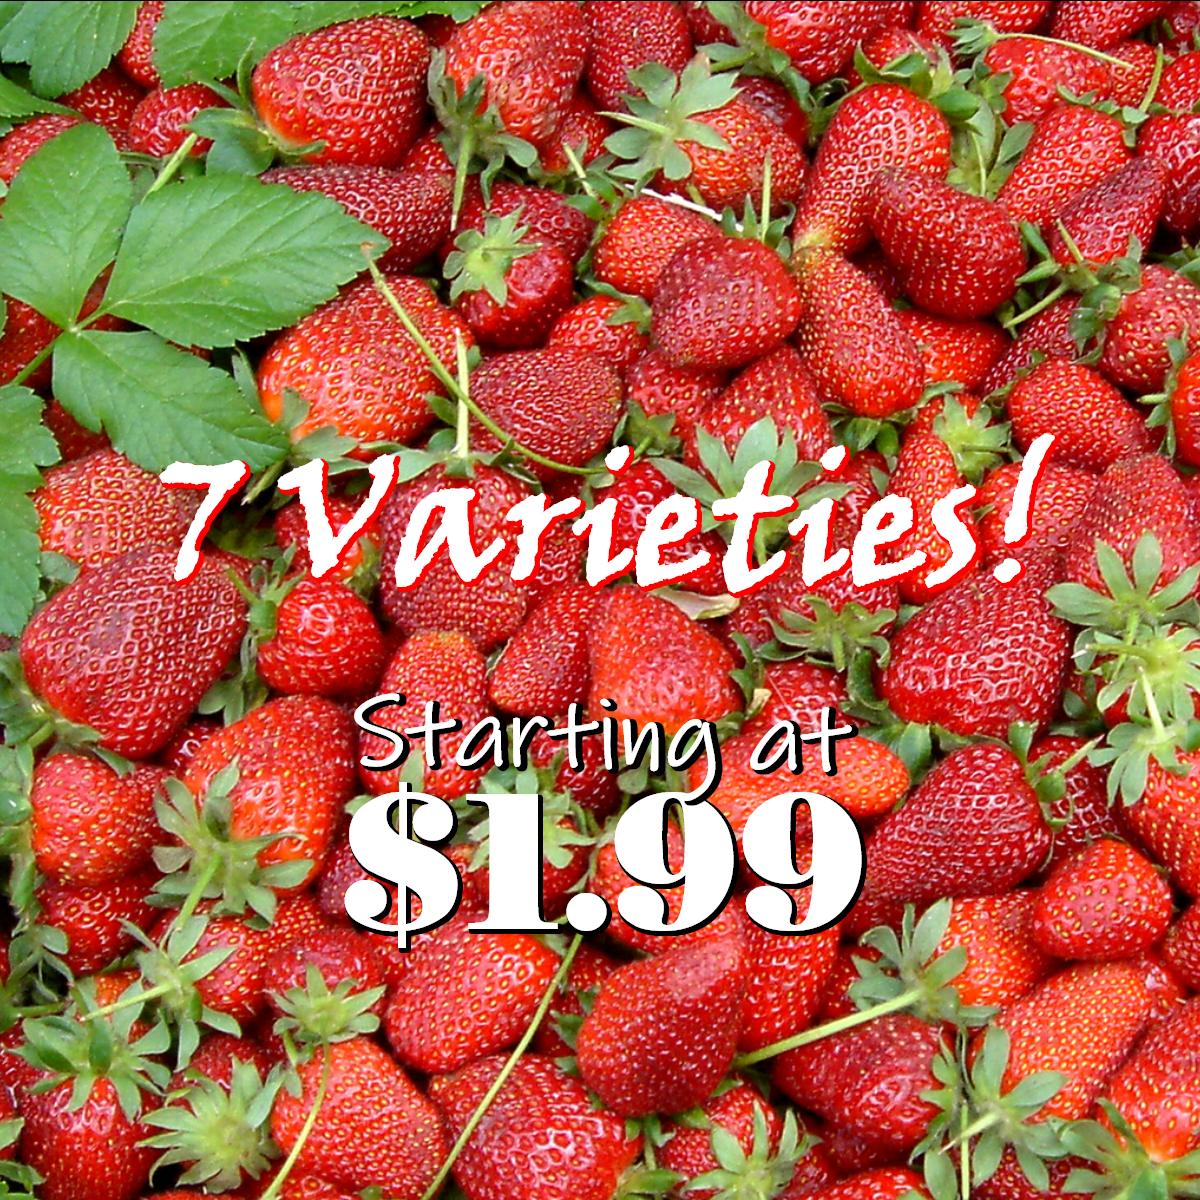 Strawberries Herbeins Garden Center